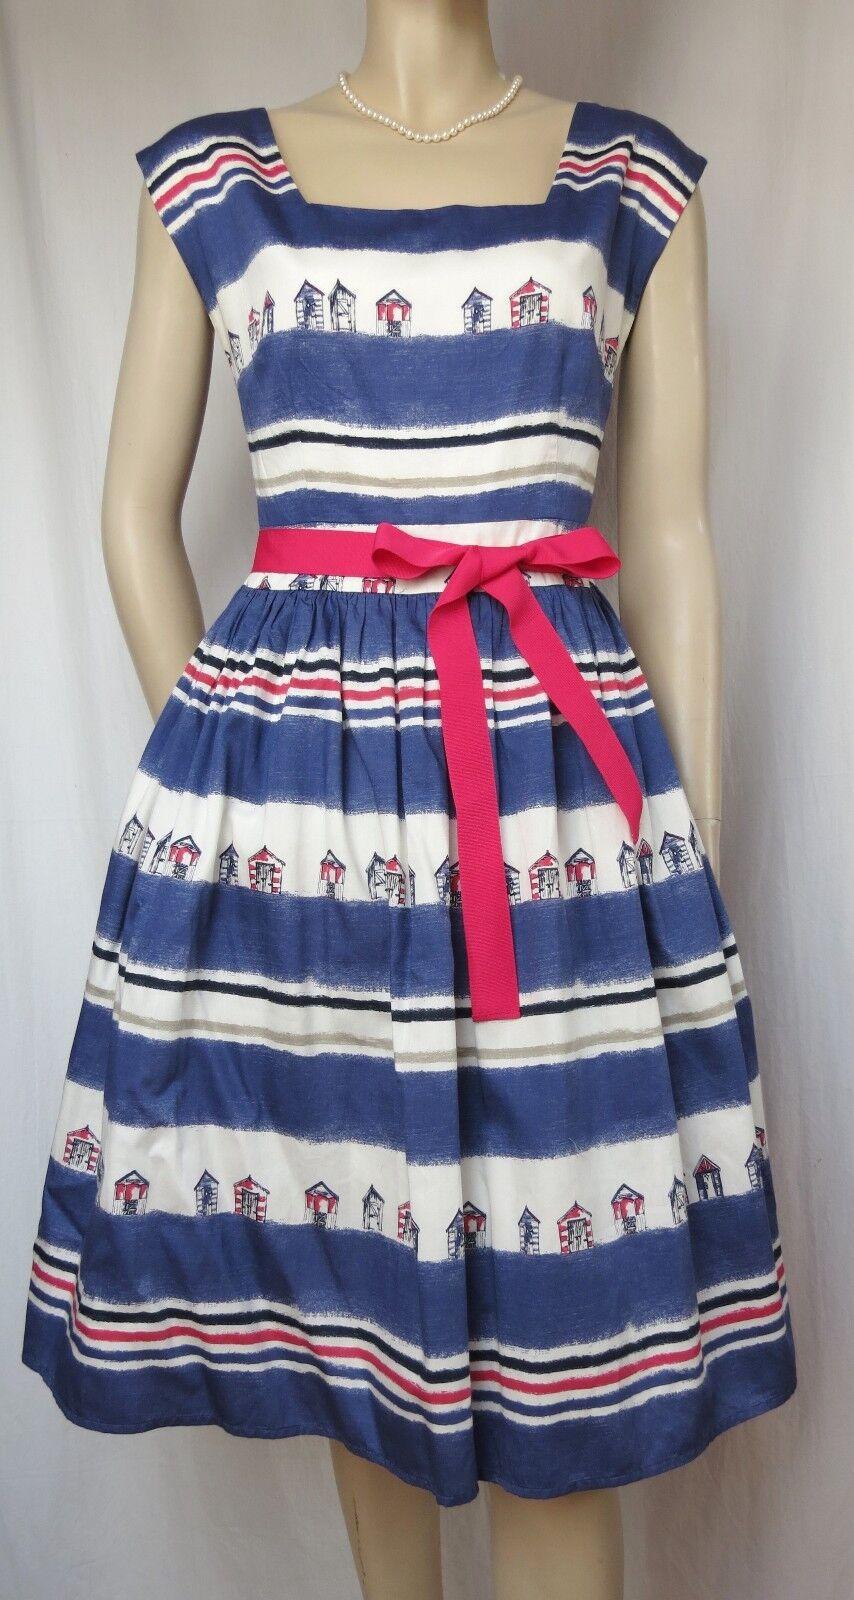 Laura Ashley Sommerkleid 36 blau weiß maritim Hochzeit Baumwolle Streifen